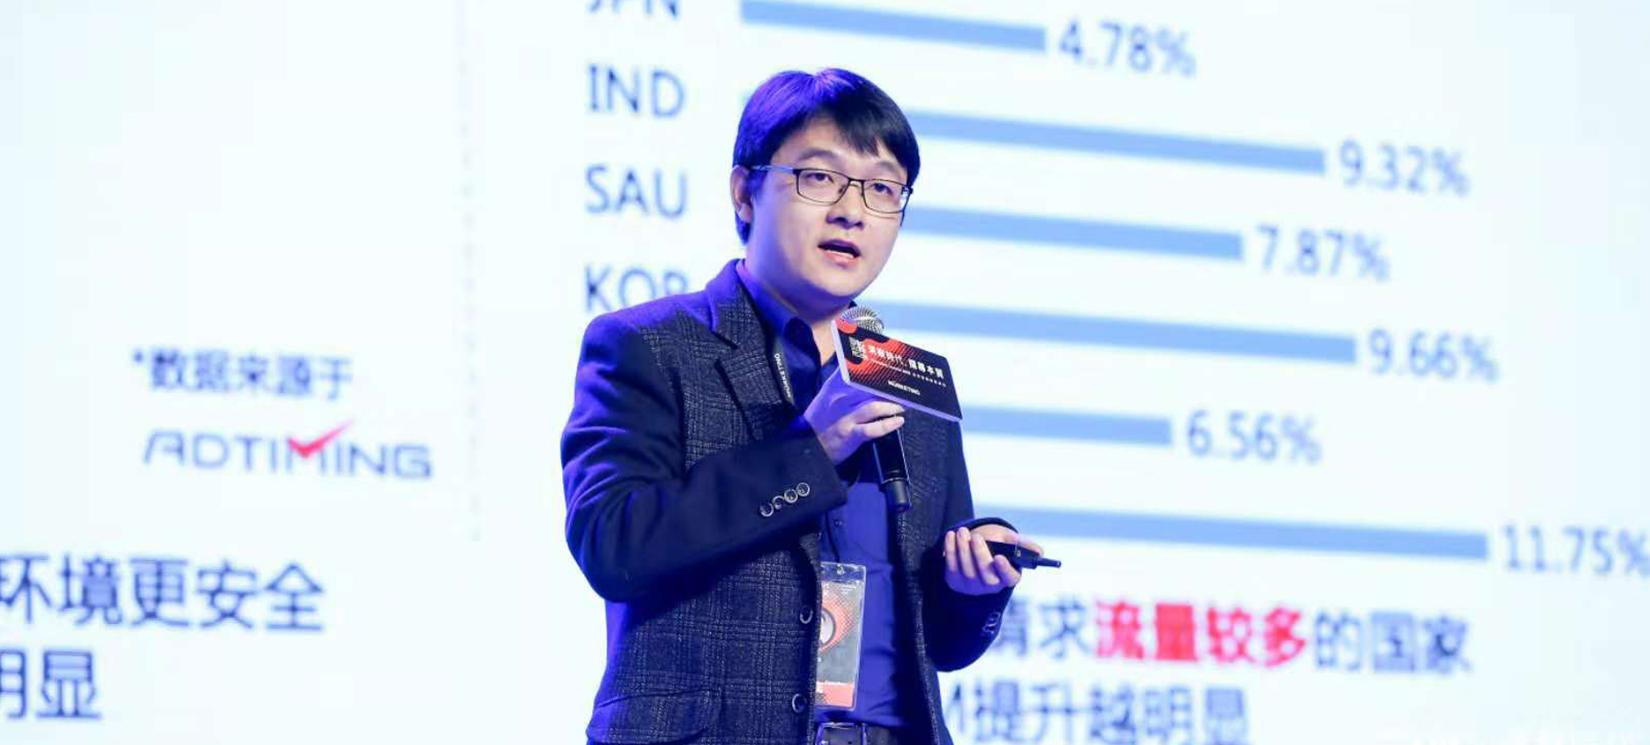 Leo YANG Huanhuan, AdTiming CEO